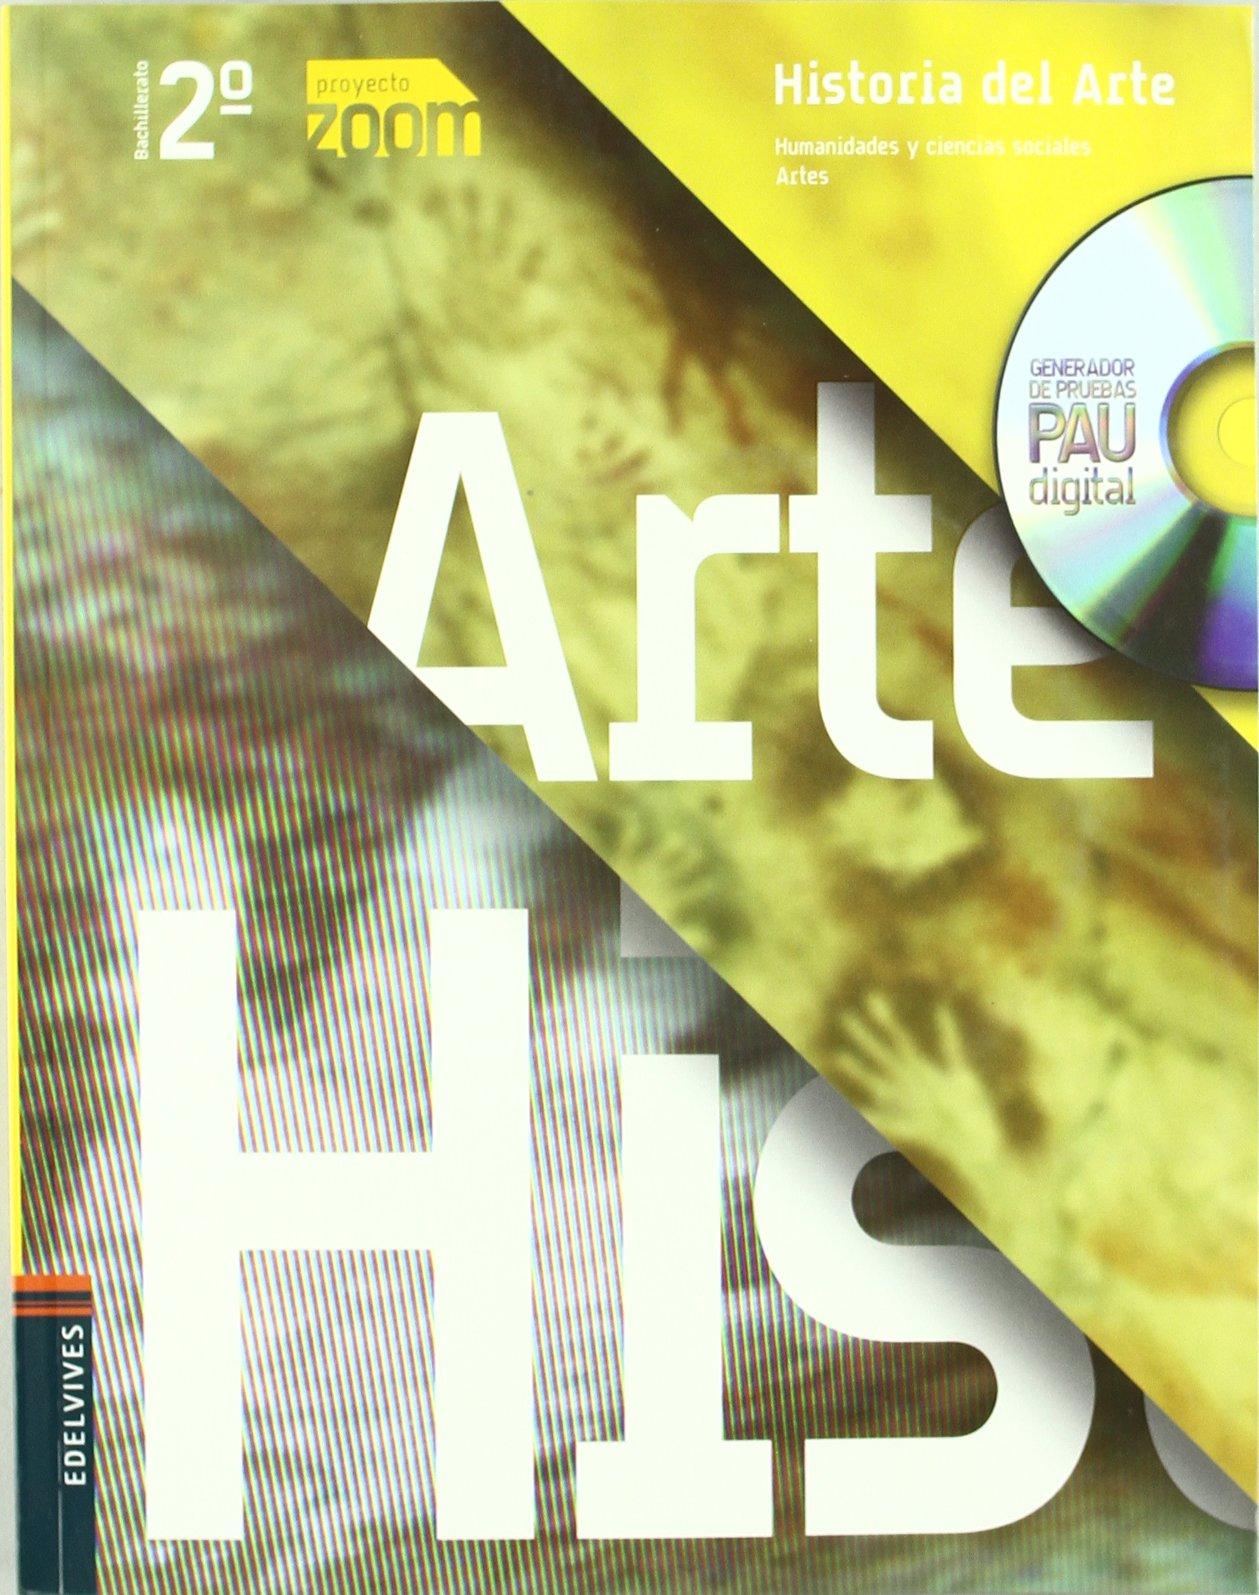 Historia del Arte 2º Bachillerato Zoom - 9788426369734: Amazon.es ...